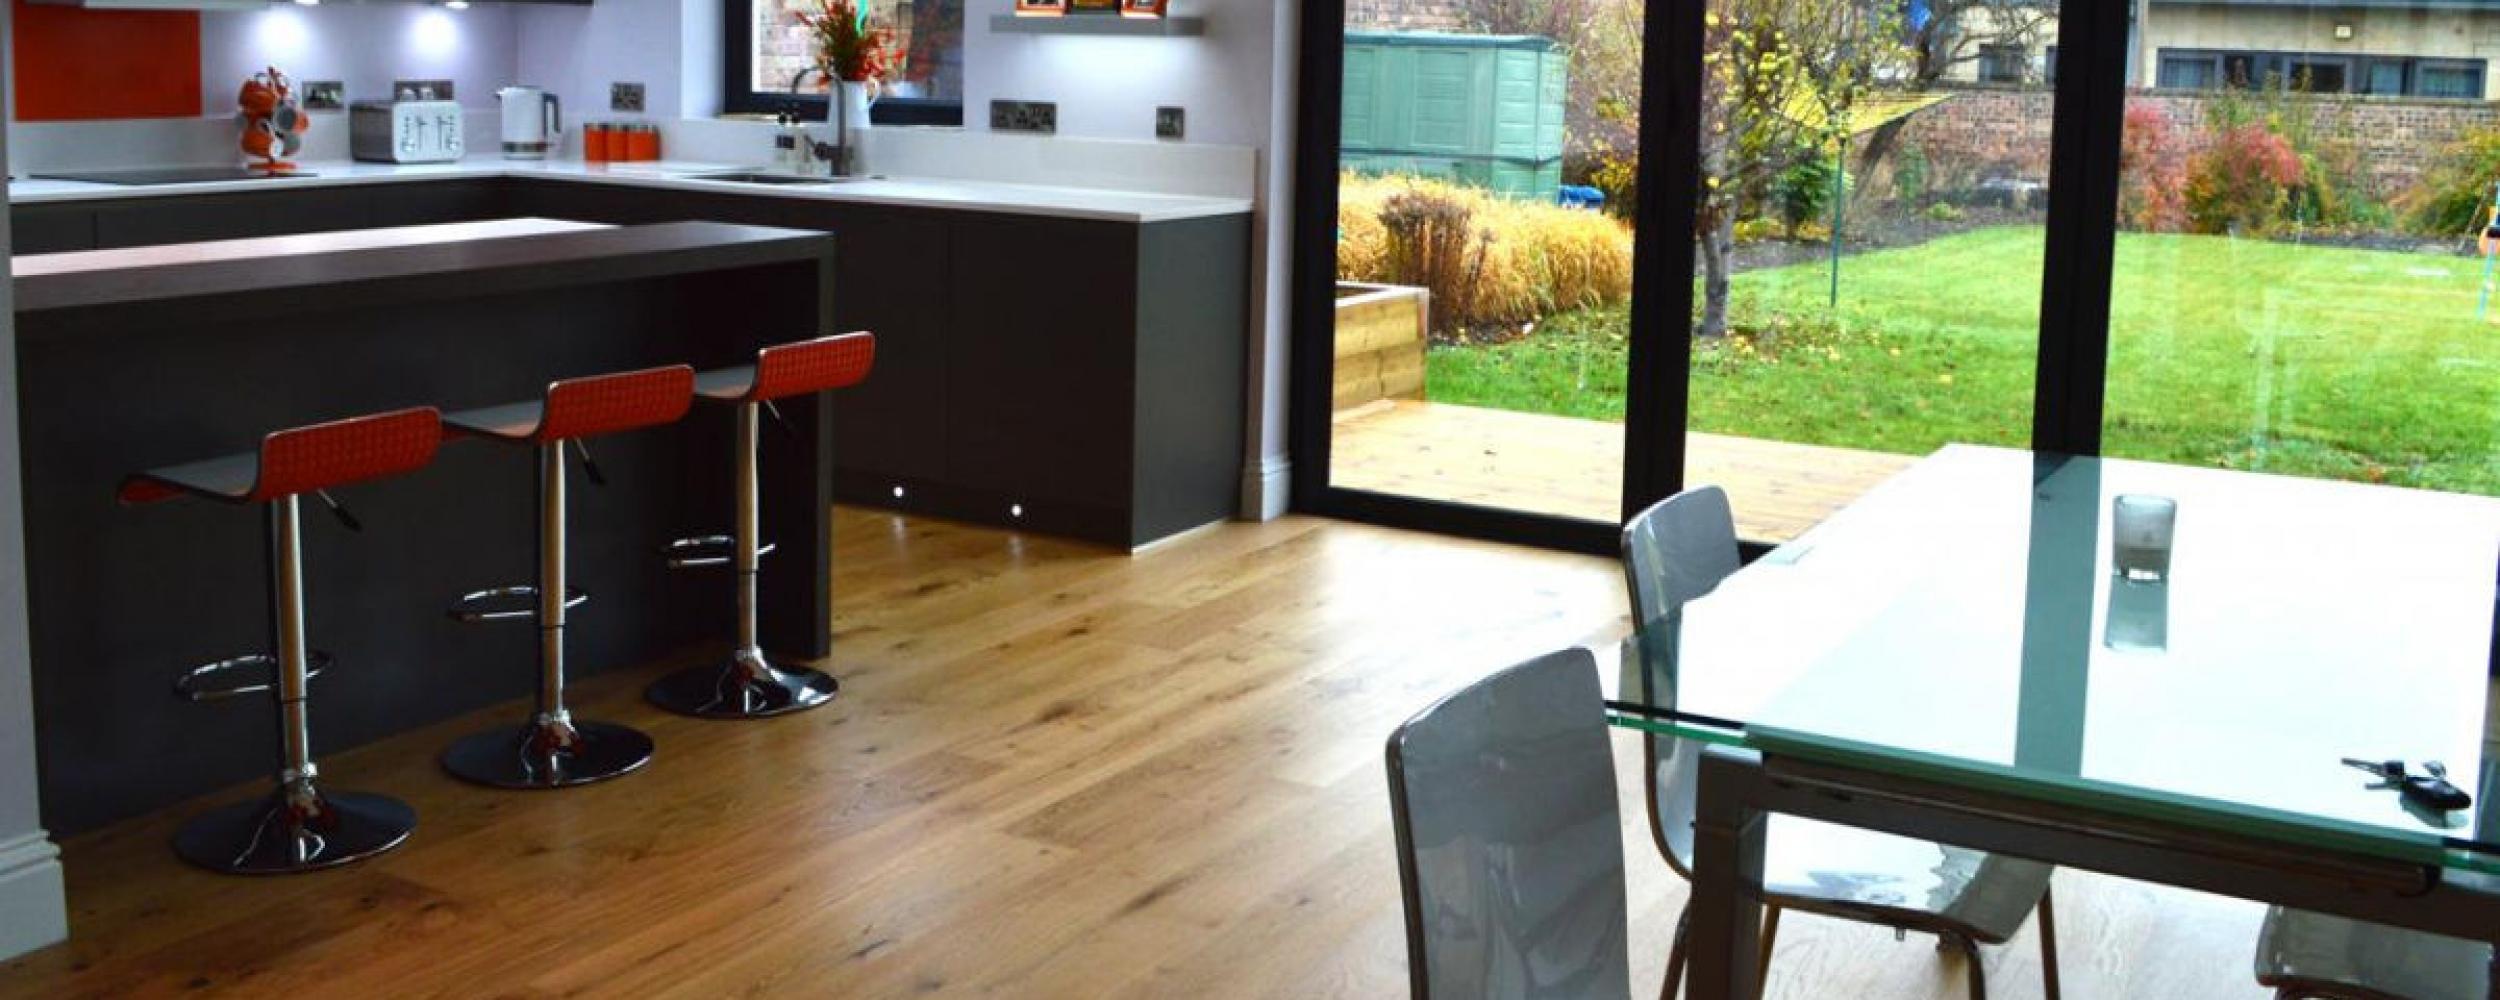 pronorm y line kitchen edinburgh